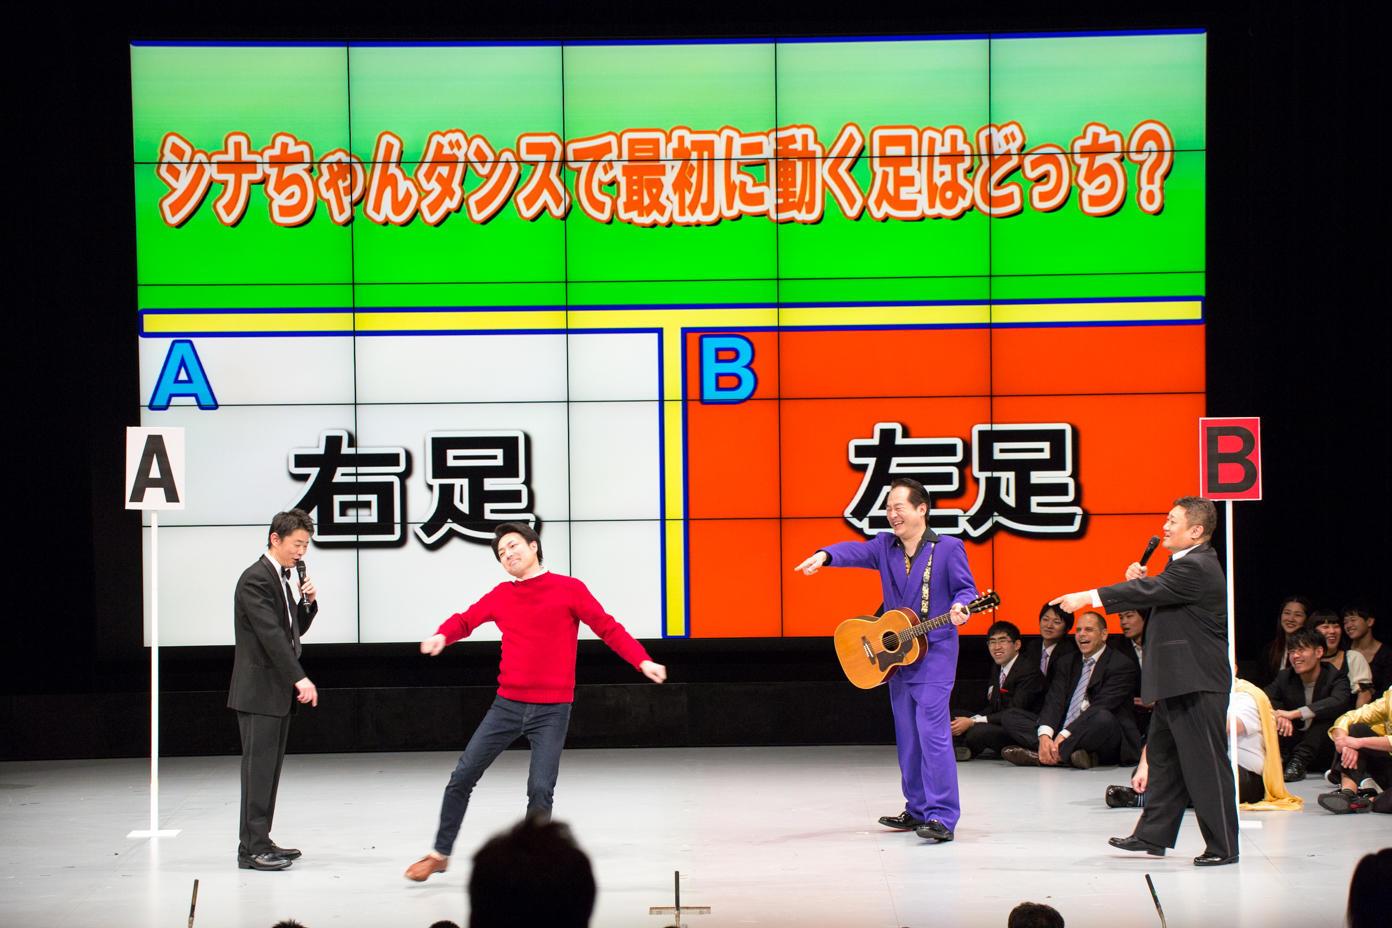 http://news.yoshimoto.co.jp/20180101200527-d69dd57bf902efc28fd019b592b564f594d8fbd9.jpg